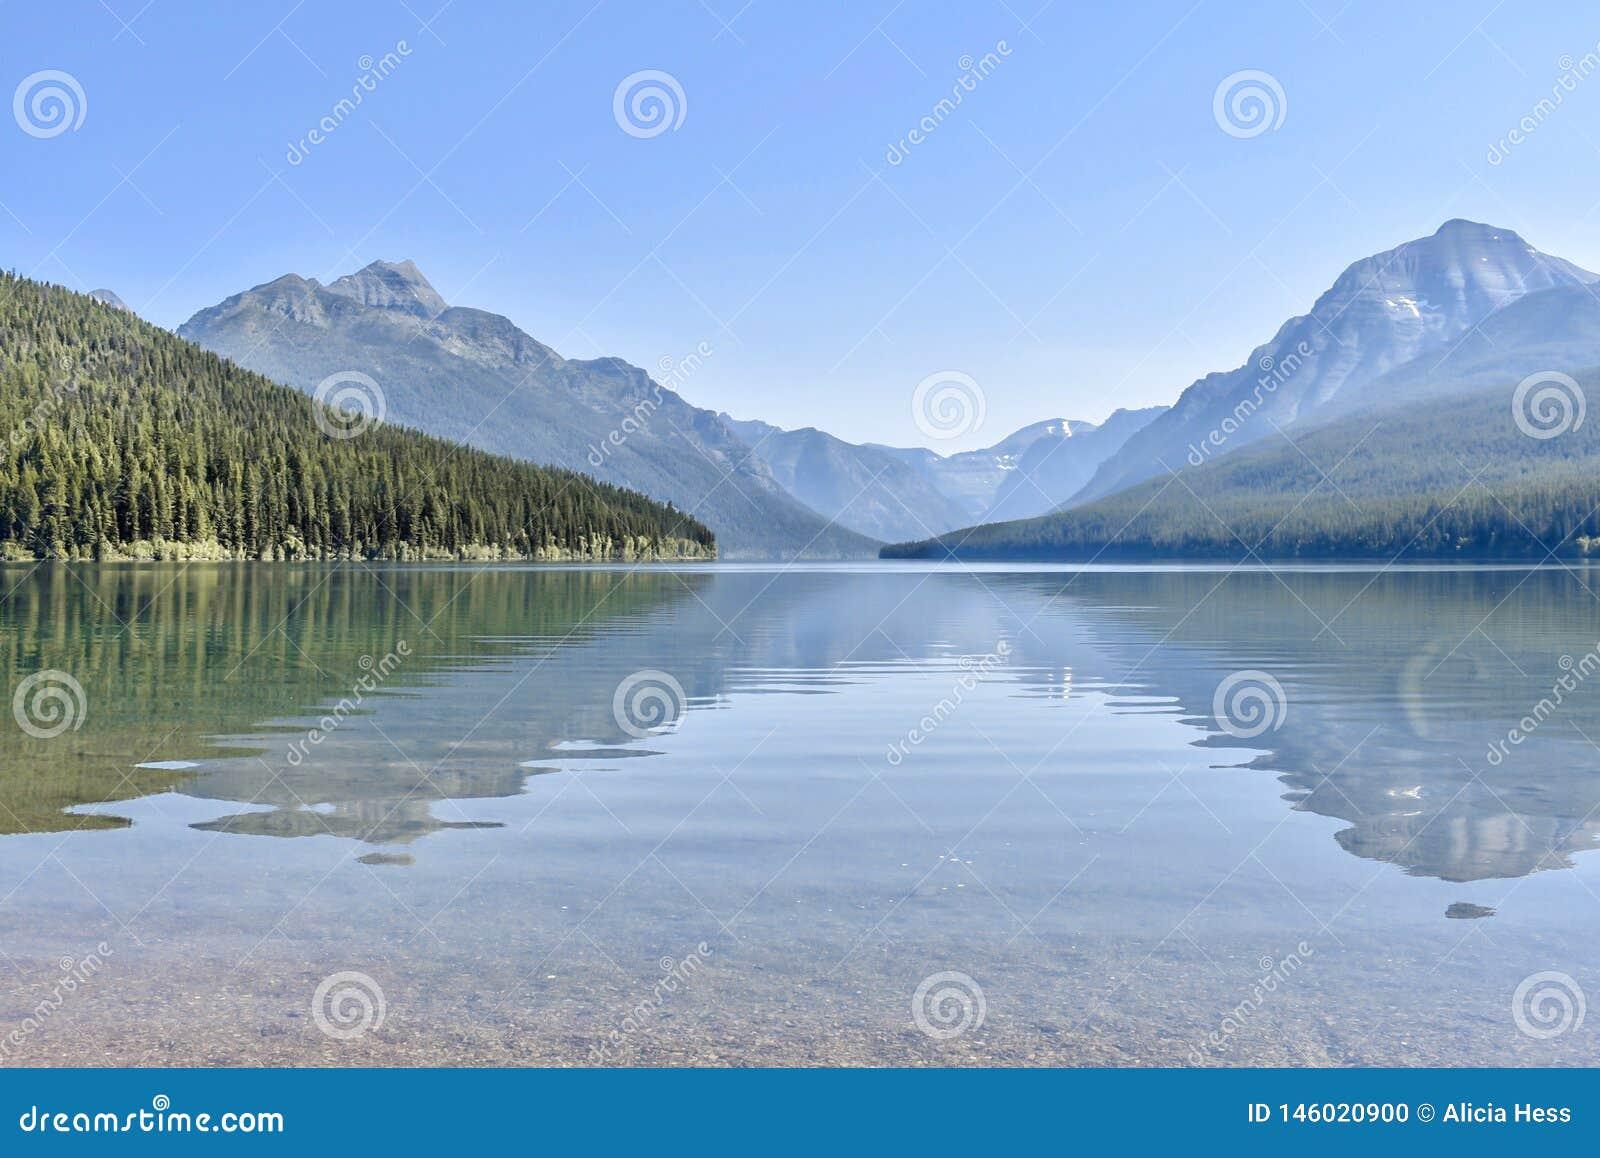 Национальный парк ледника озера стрелк, Монтана